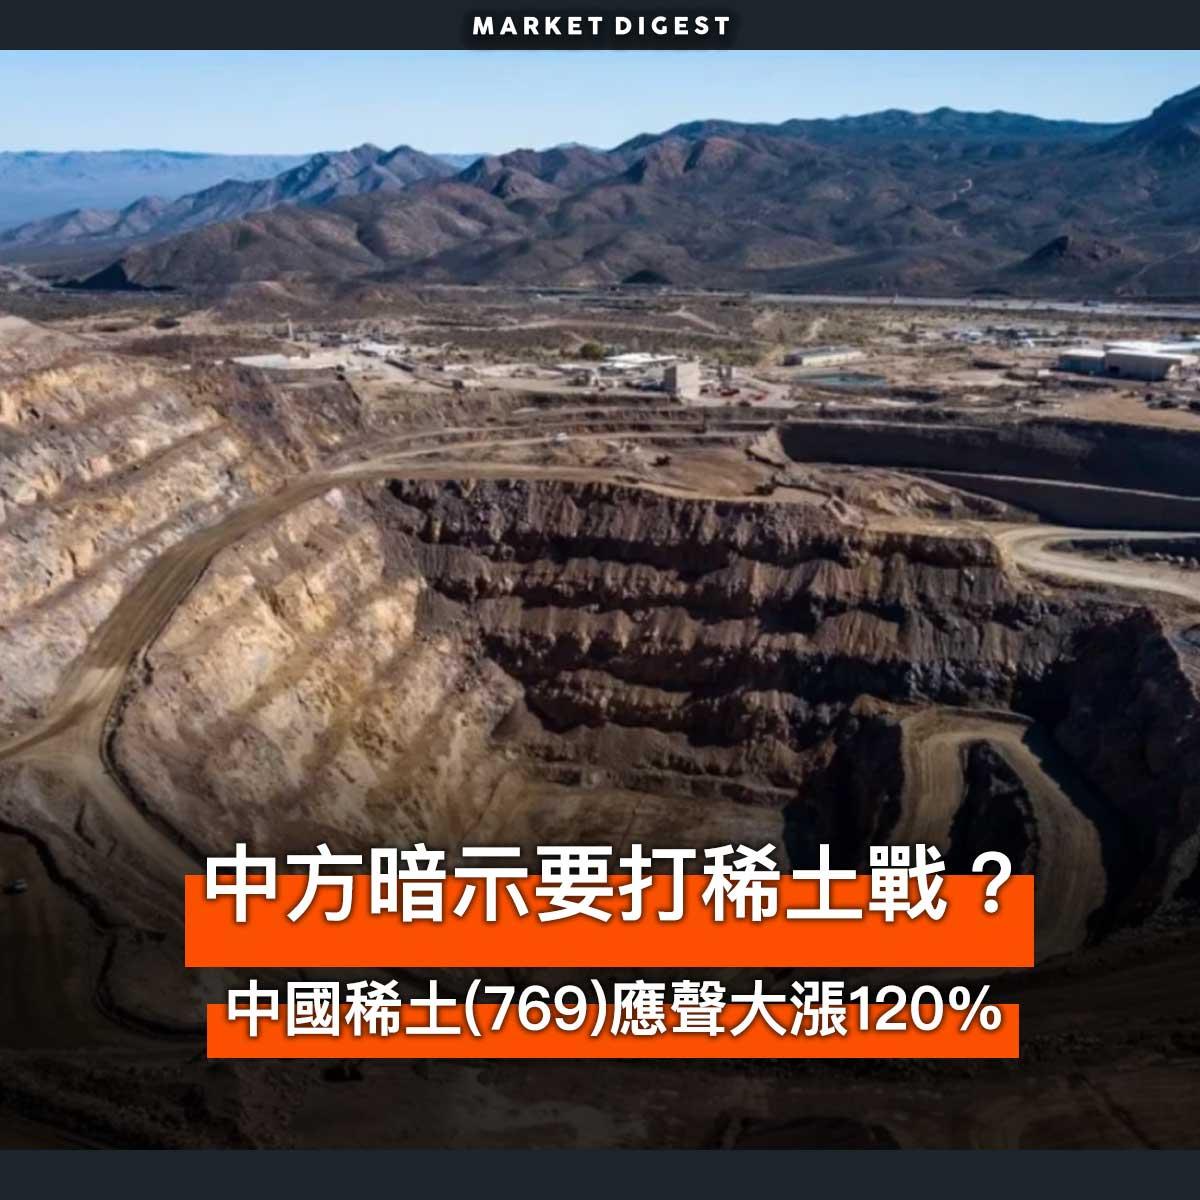 中方暗示要打稀土戰?中國稀土(769)應聲大漲120%